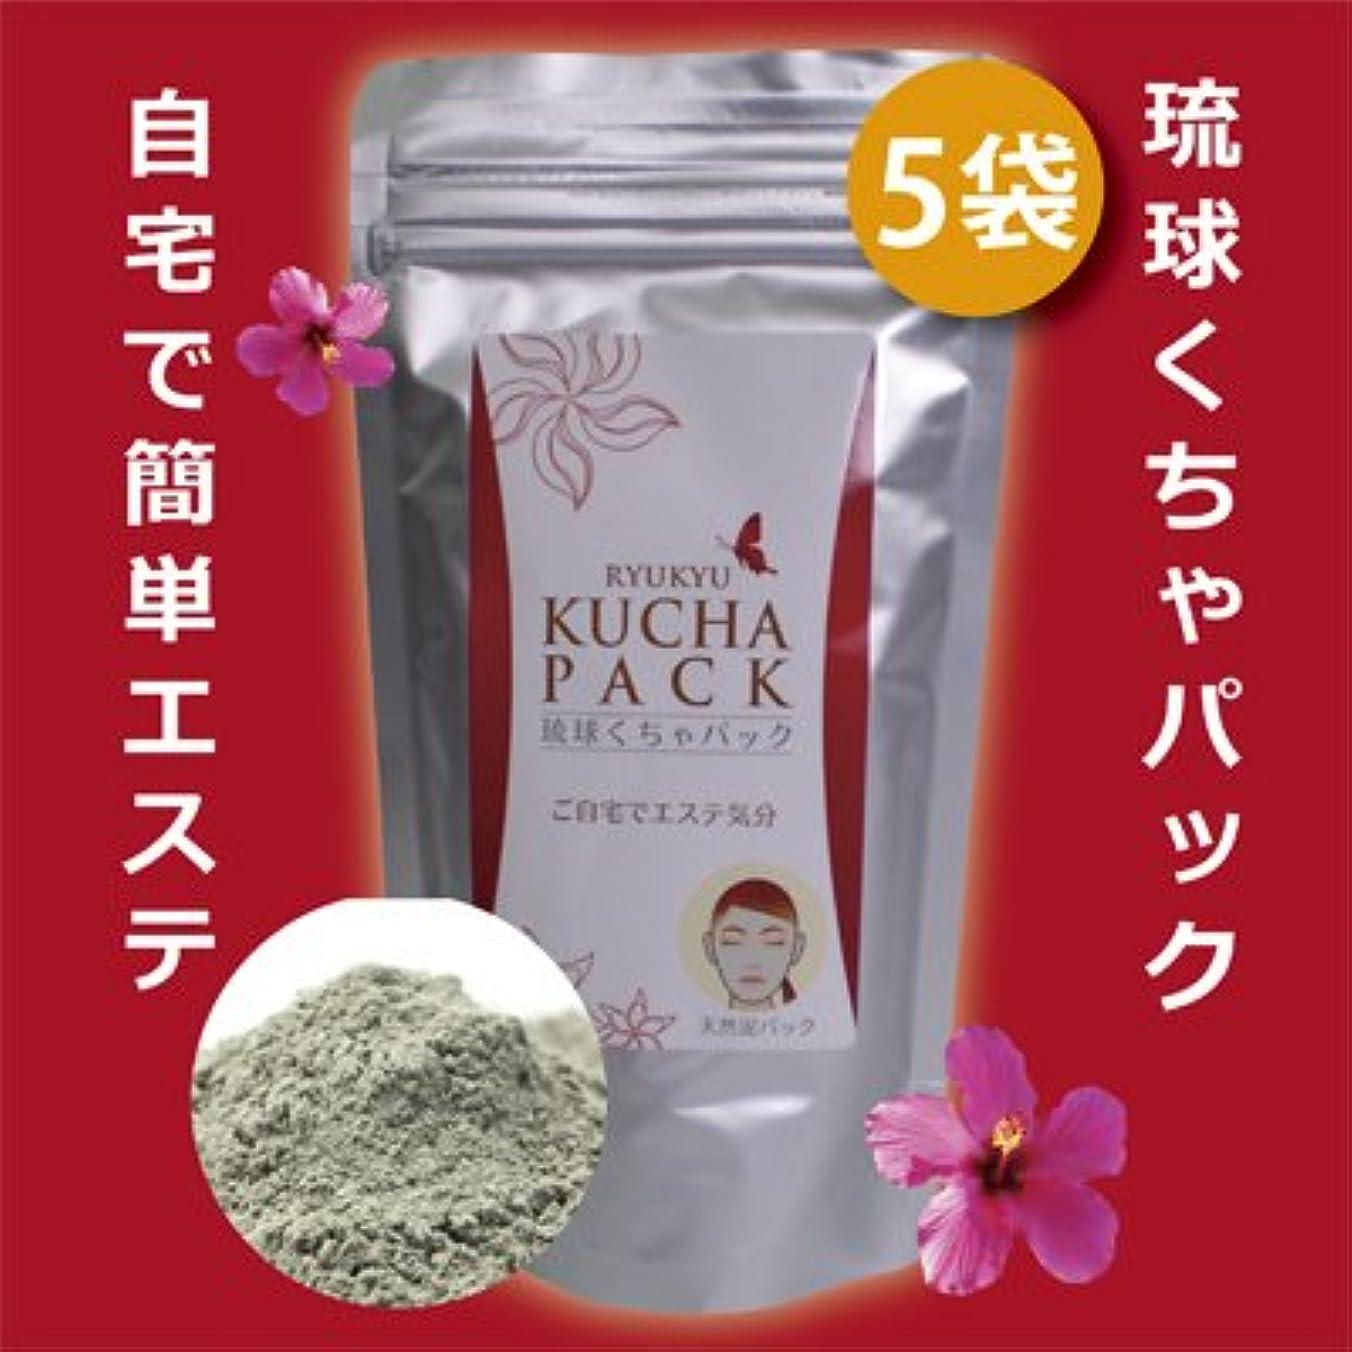 富豪ディスコ組み合わせ美肌 健康作り 月桃水を加えた使いやすい粉末 沖縄産 琉球くちゃパック 150g 5パック